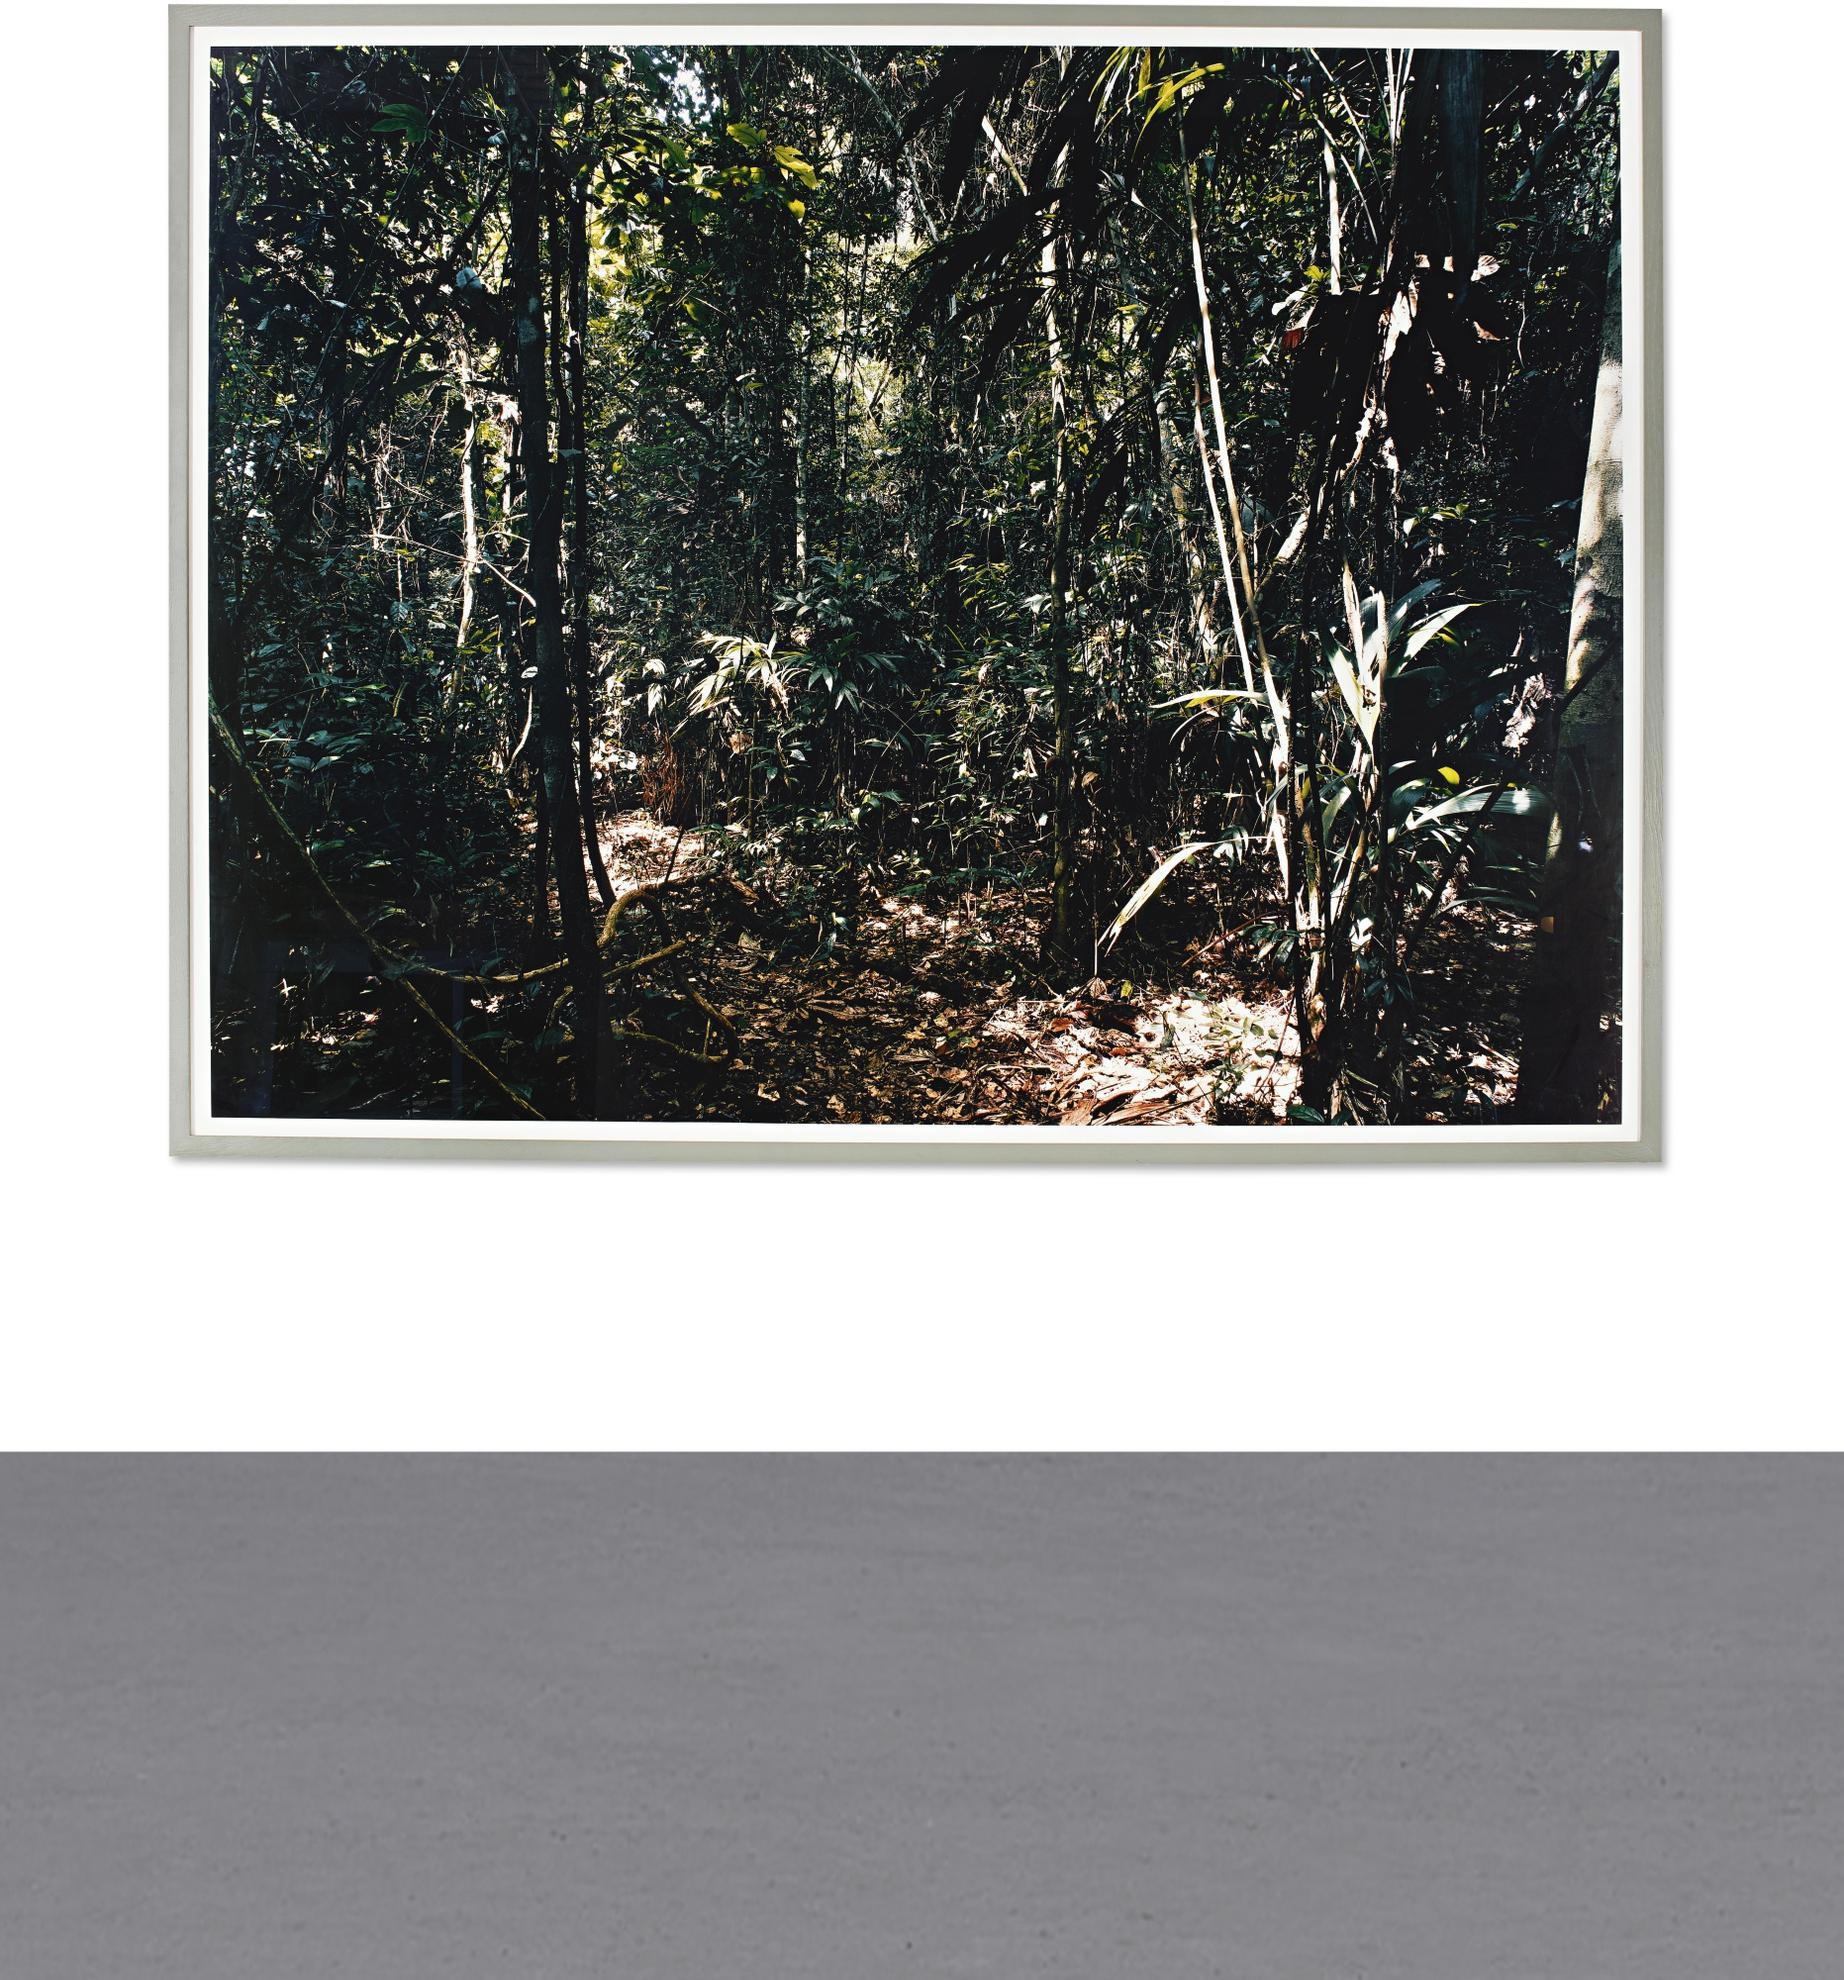 Thomas Struth-Paradise 27, Rio Madre De Dios, Peru-2005